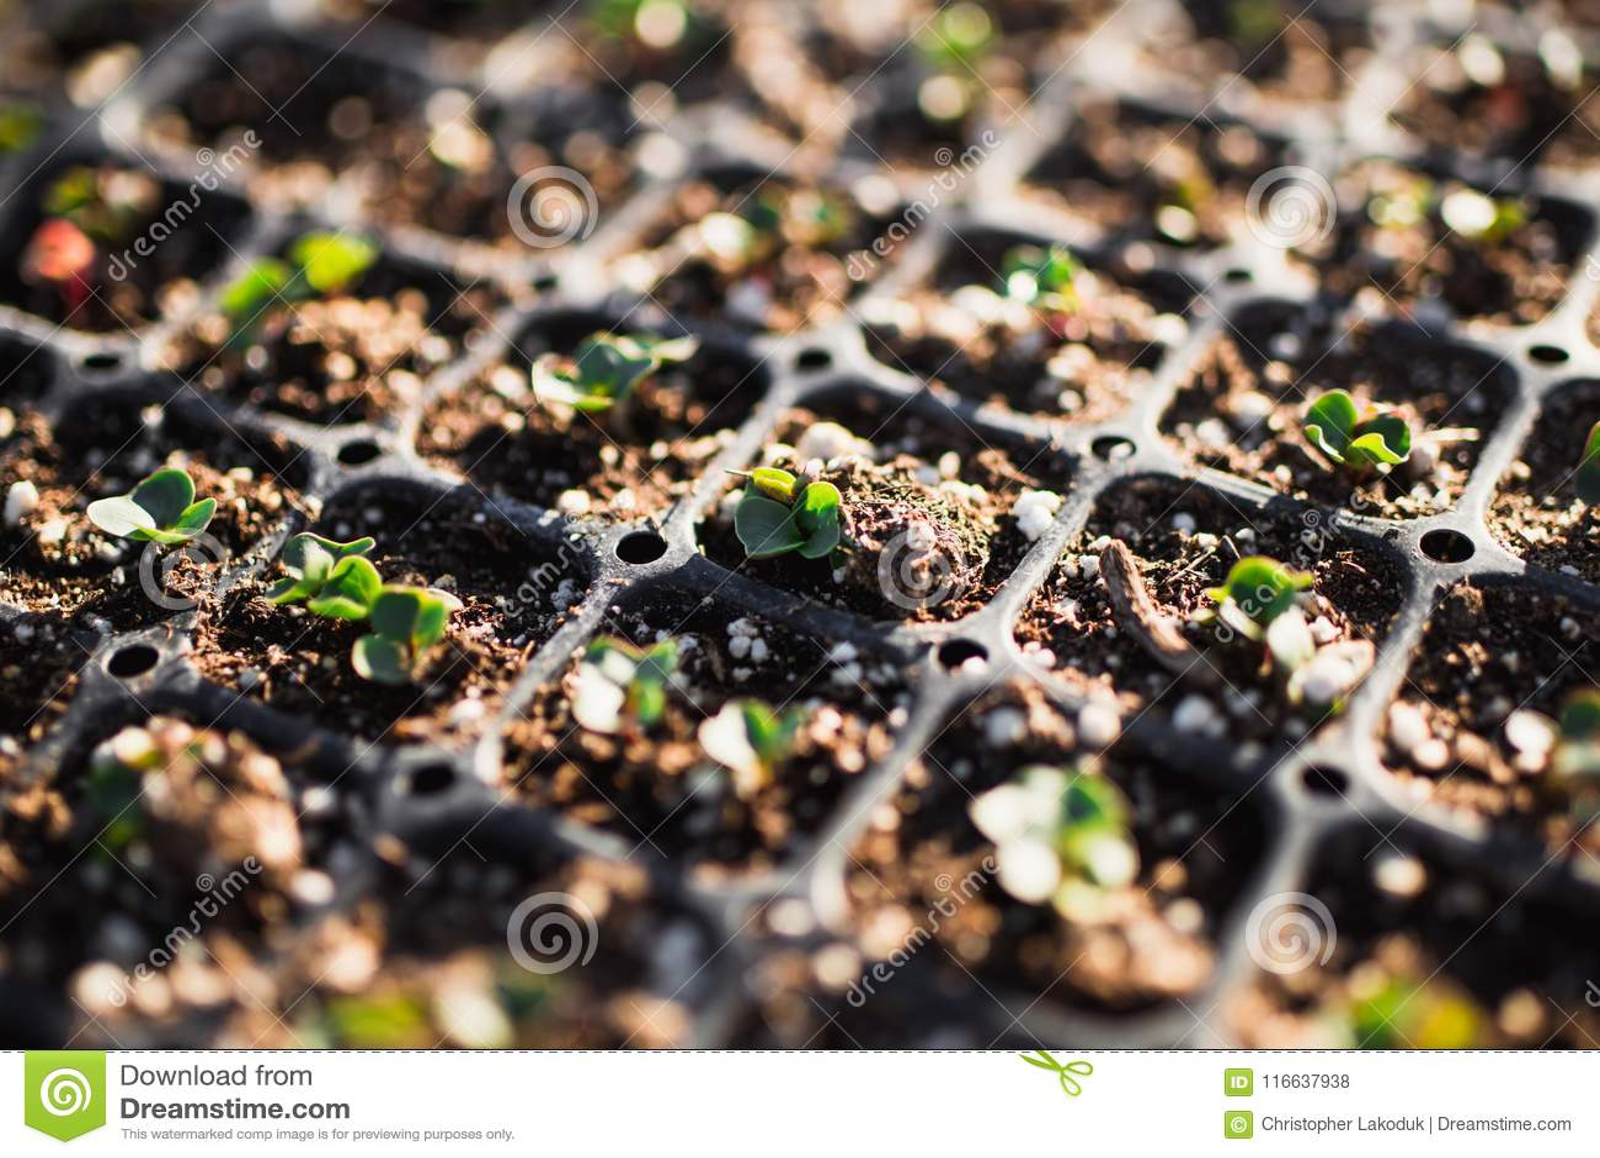 种植一个新的庭院的3